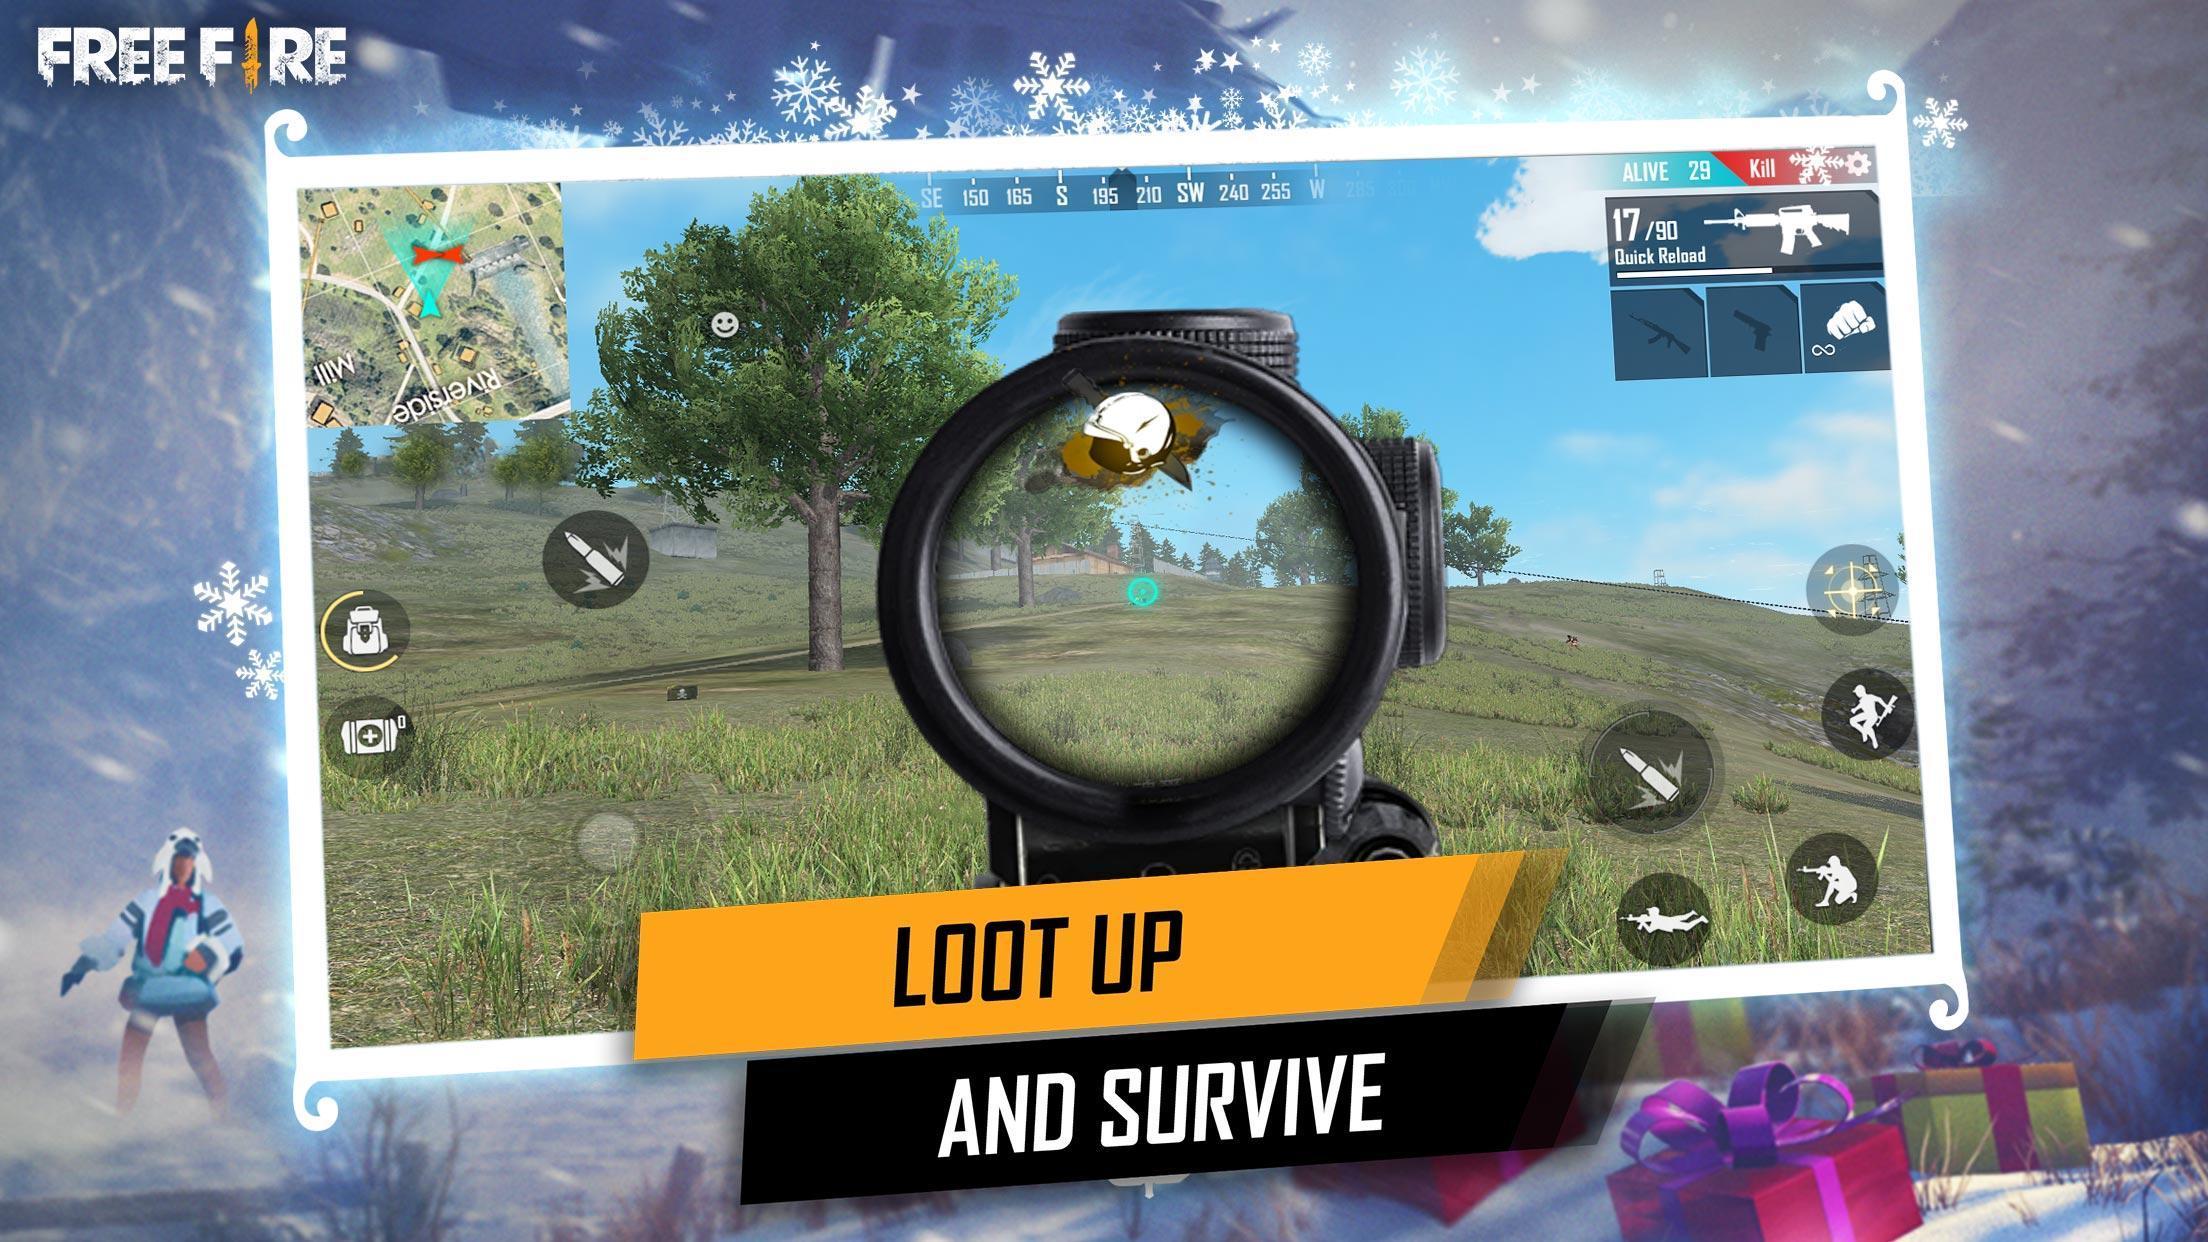 Garena Free Fire Pc Game Free Full Download Latest Version Gaming Debates